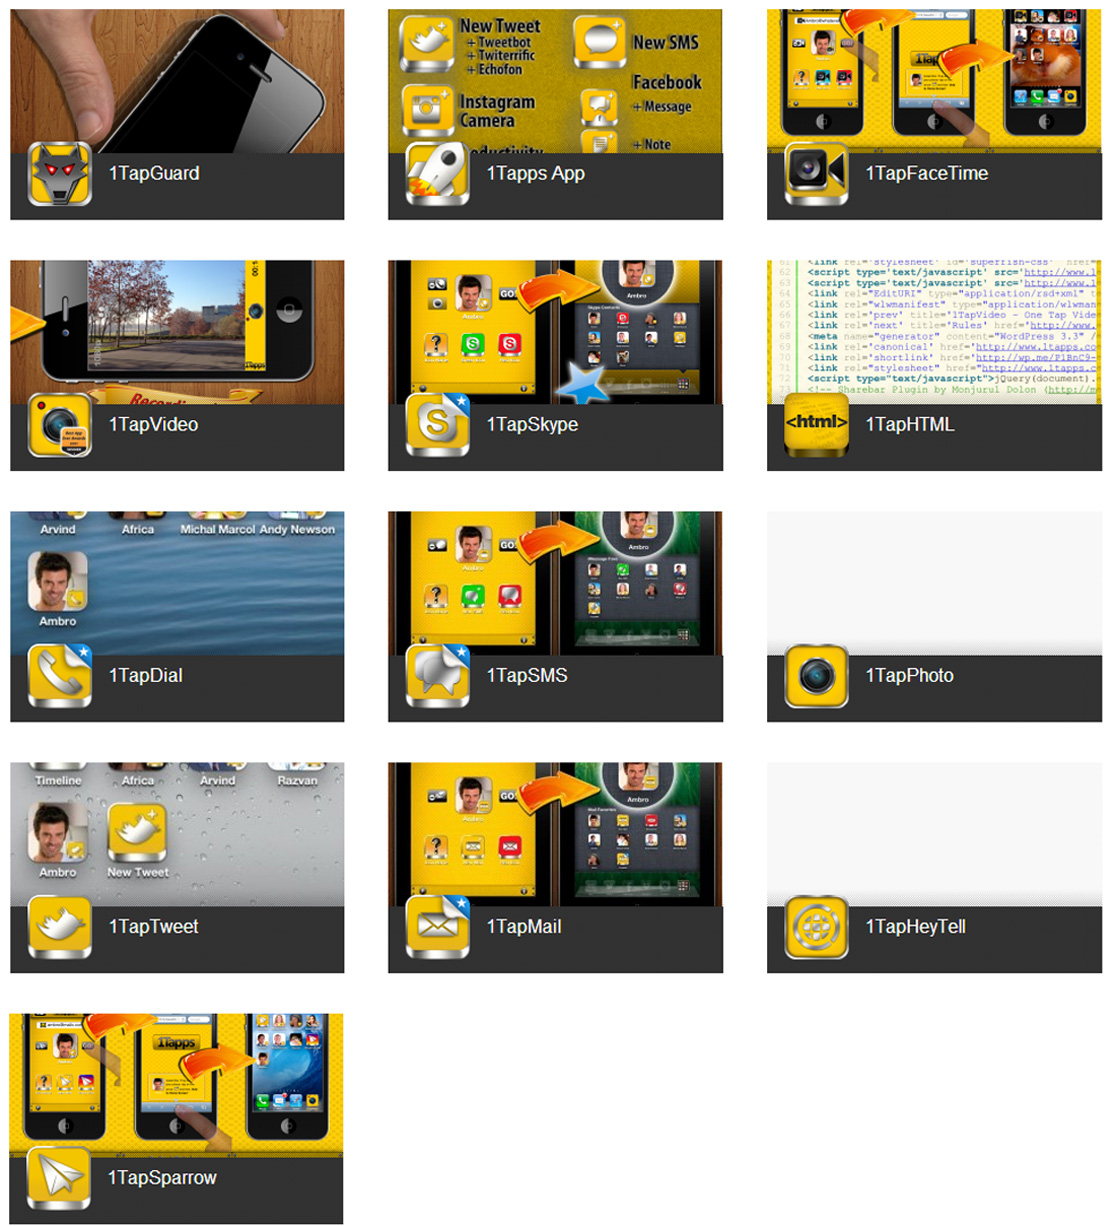 Las aplicaciones de la española 1Tapps superan el millón de descargas en la App Store